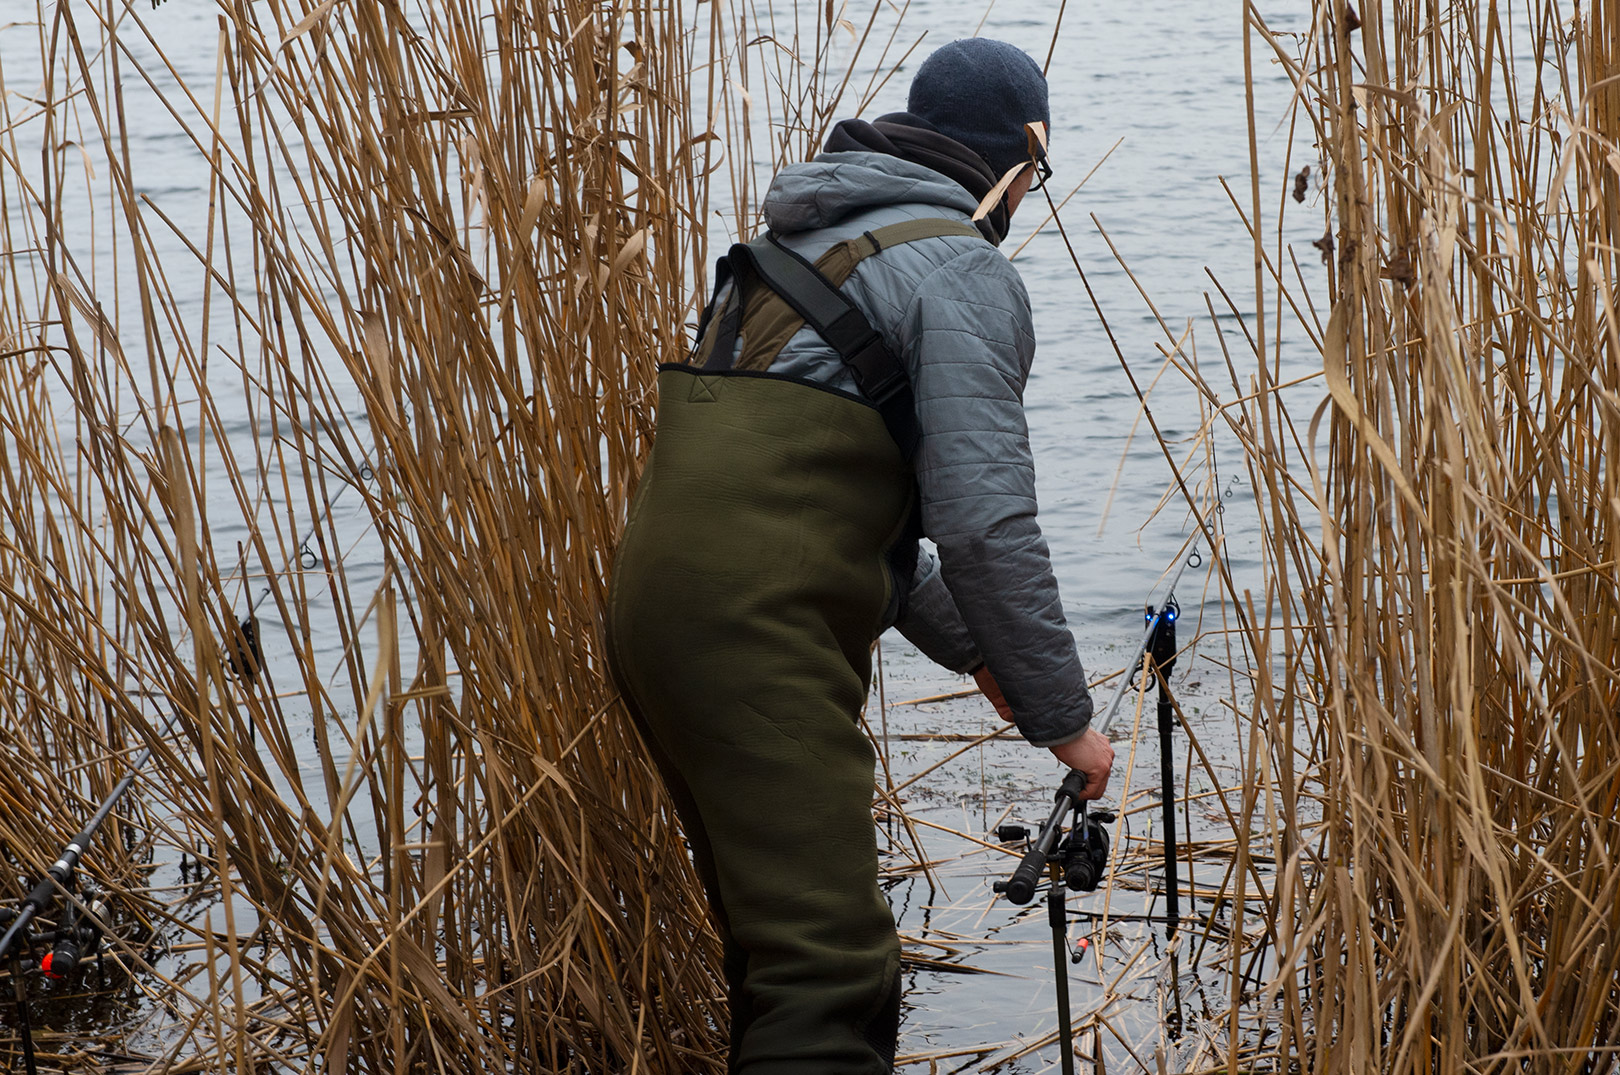 Søren Beck tjekker bidmeldren en sidste gang, inden den døde agnfisk får lov til at ligge på bunden, indtil der er hug..